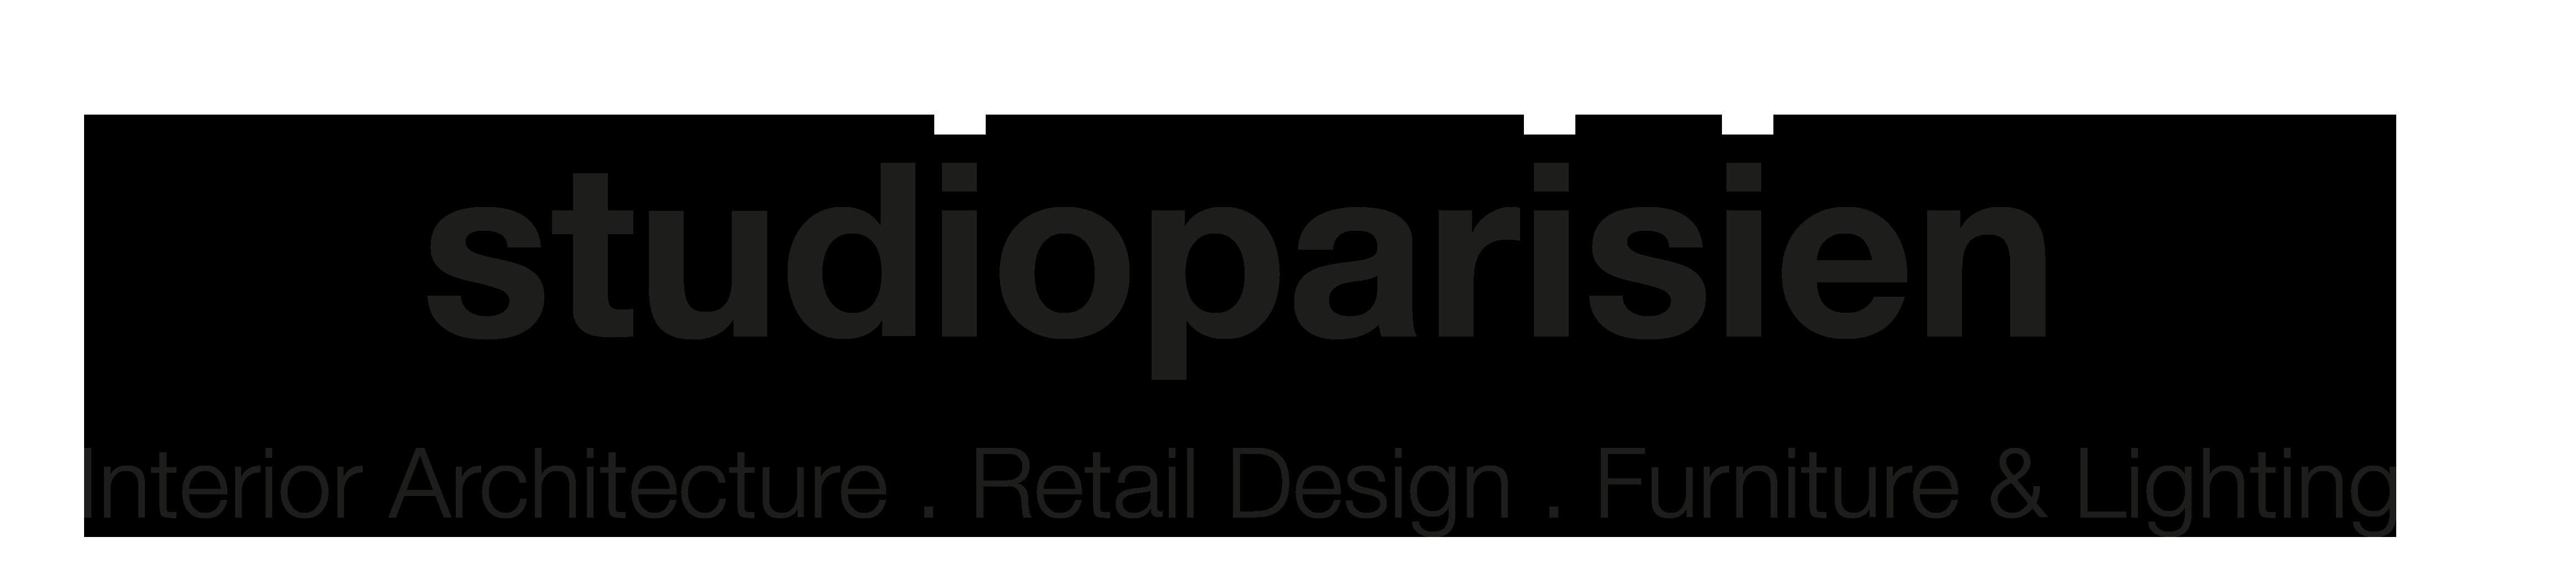 STUDIOPARISIEN Logo